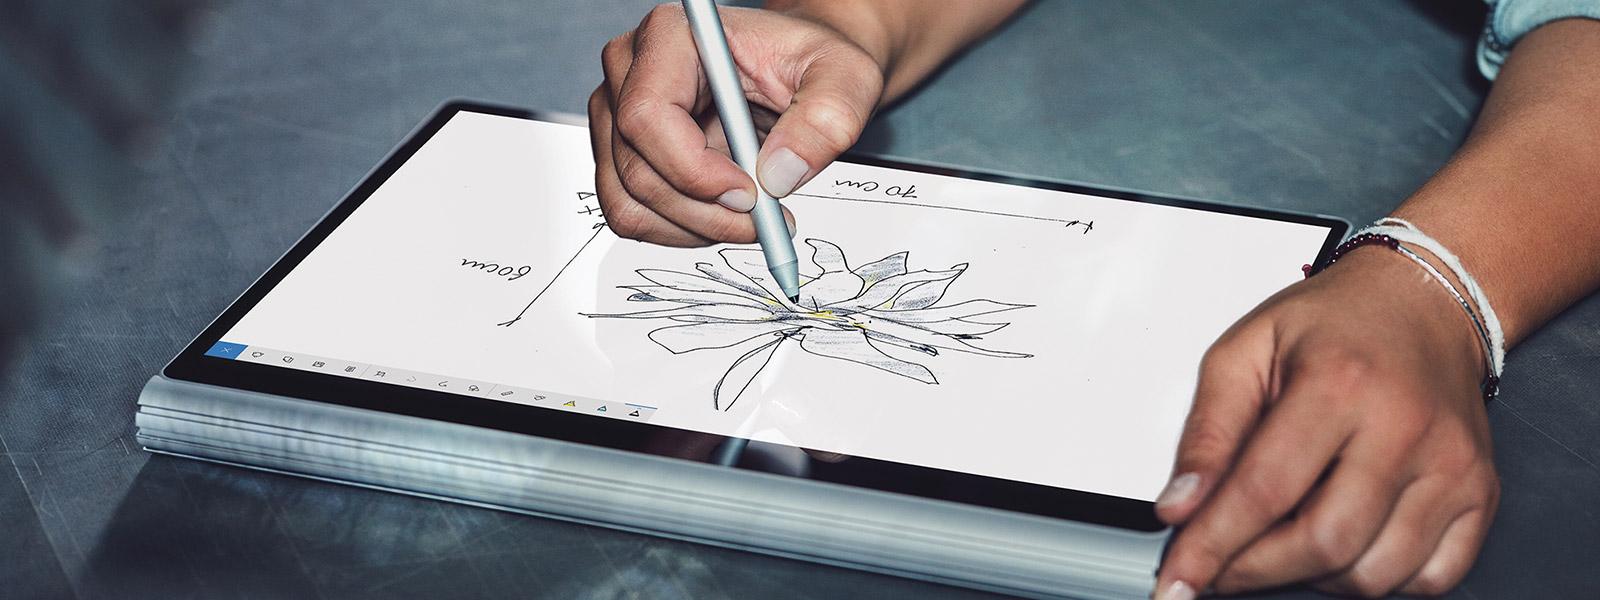 女人使用下移成工作室模式的 SURFACE STUDIO 與 SURFACE 手寫筆。